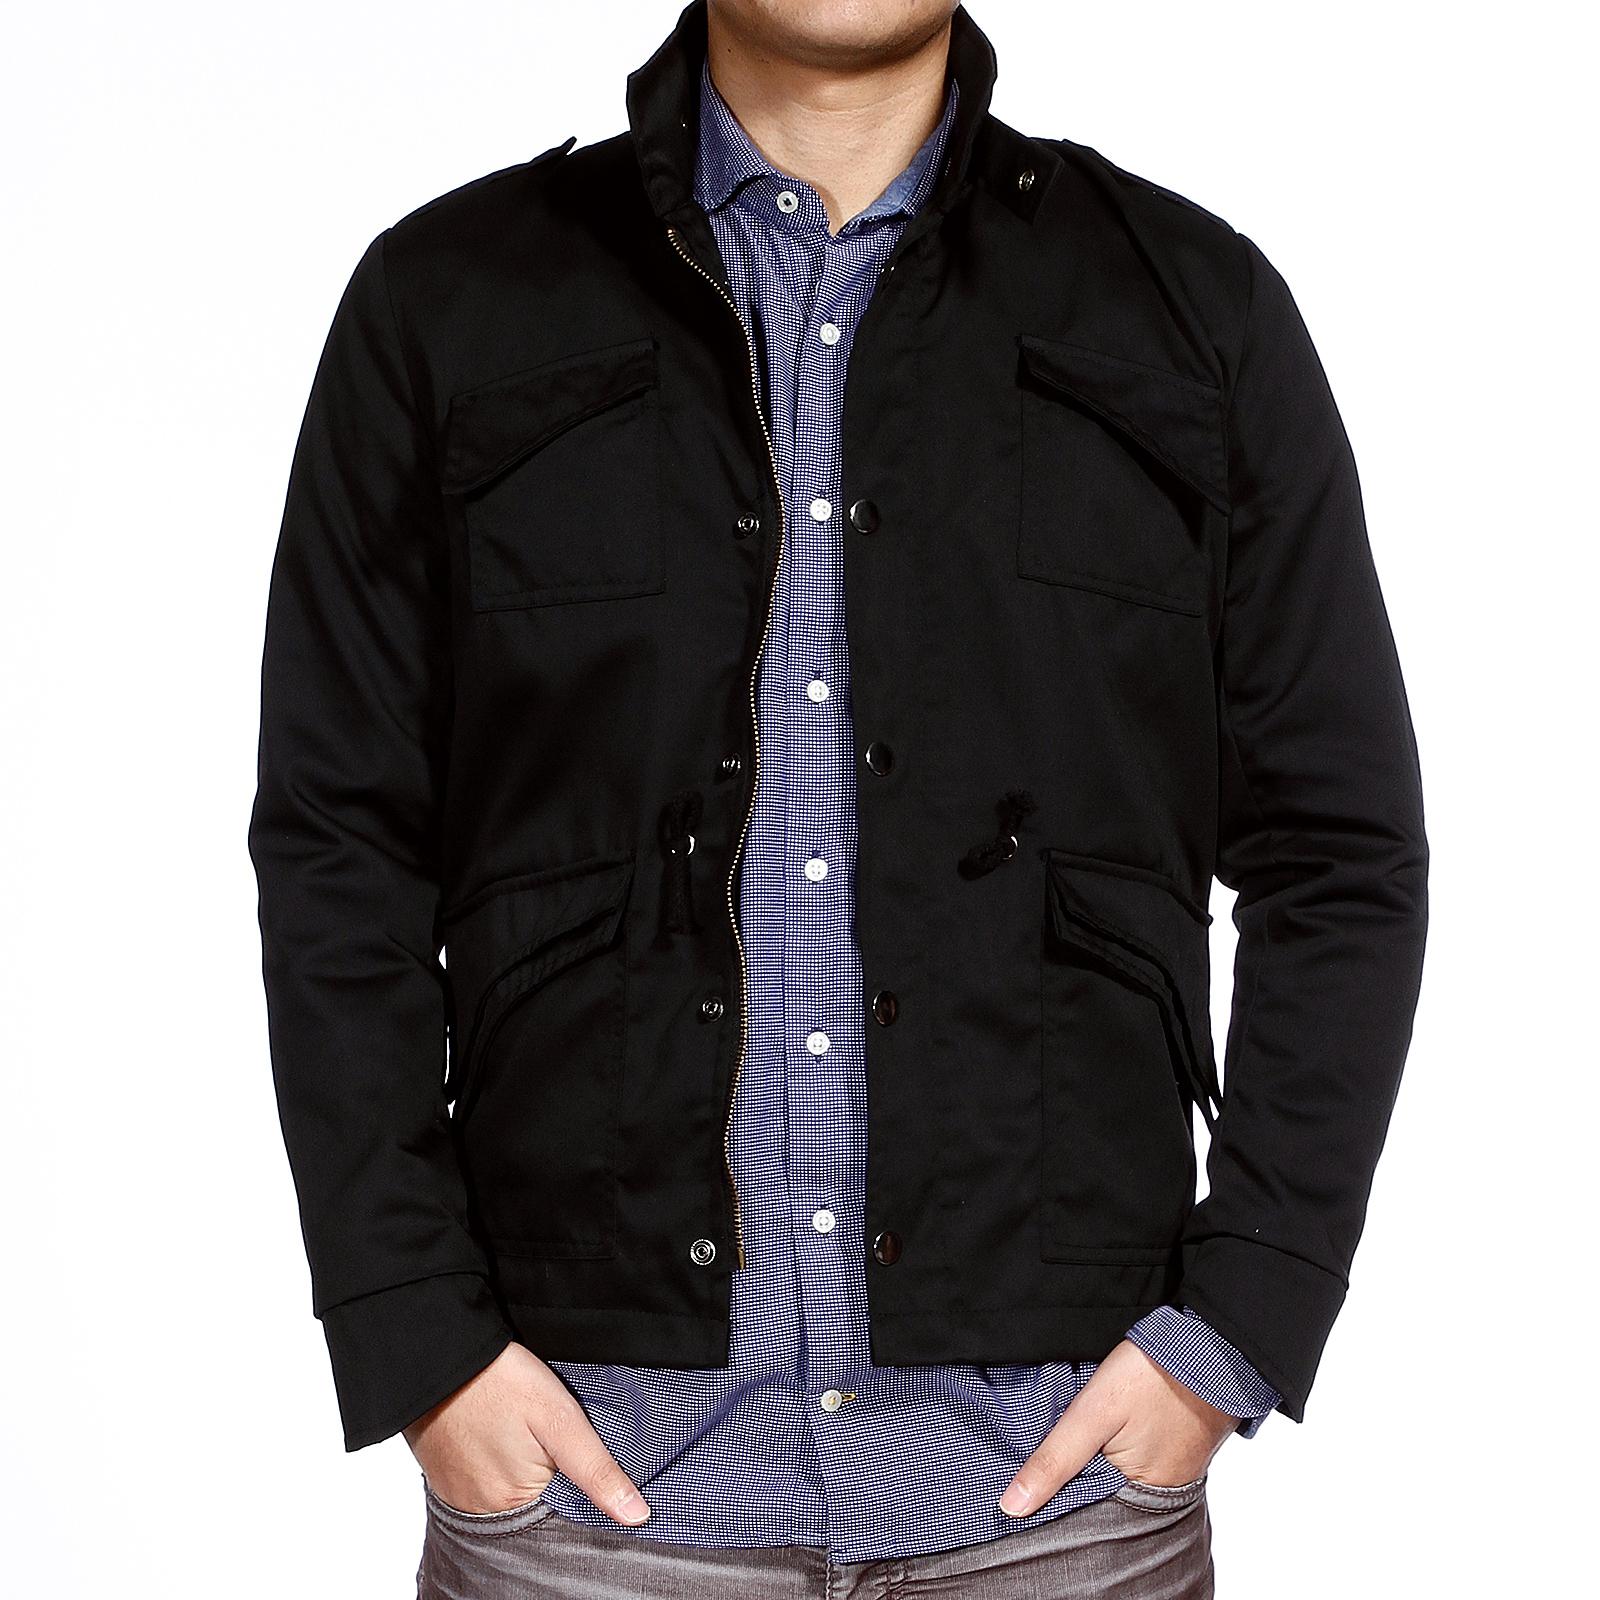 manteau homme jacket blouson moto armee sweat shirt veste noir 4taille coat mode. Black Bedroom Furniture Sets. Home Design Ideas